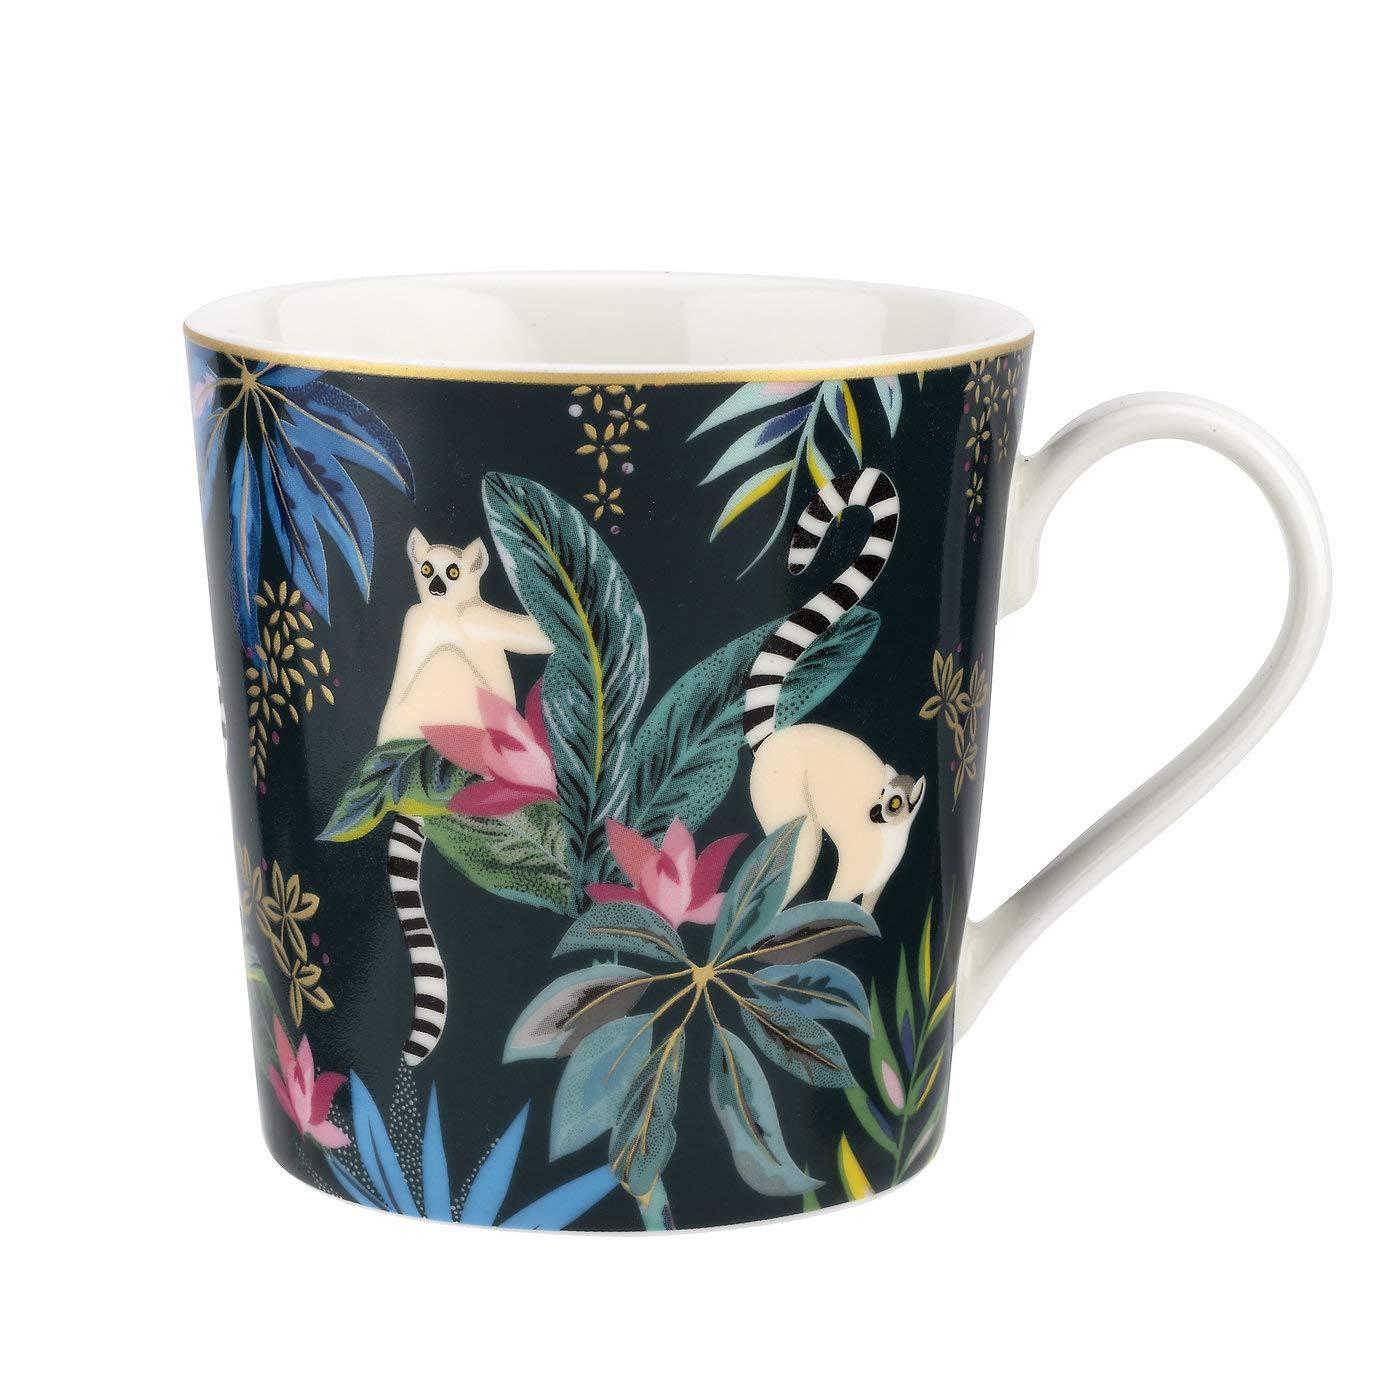 Sara Miller Tahiti Mug, Lemur Portmeirion 686458